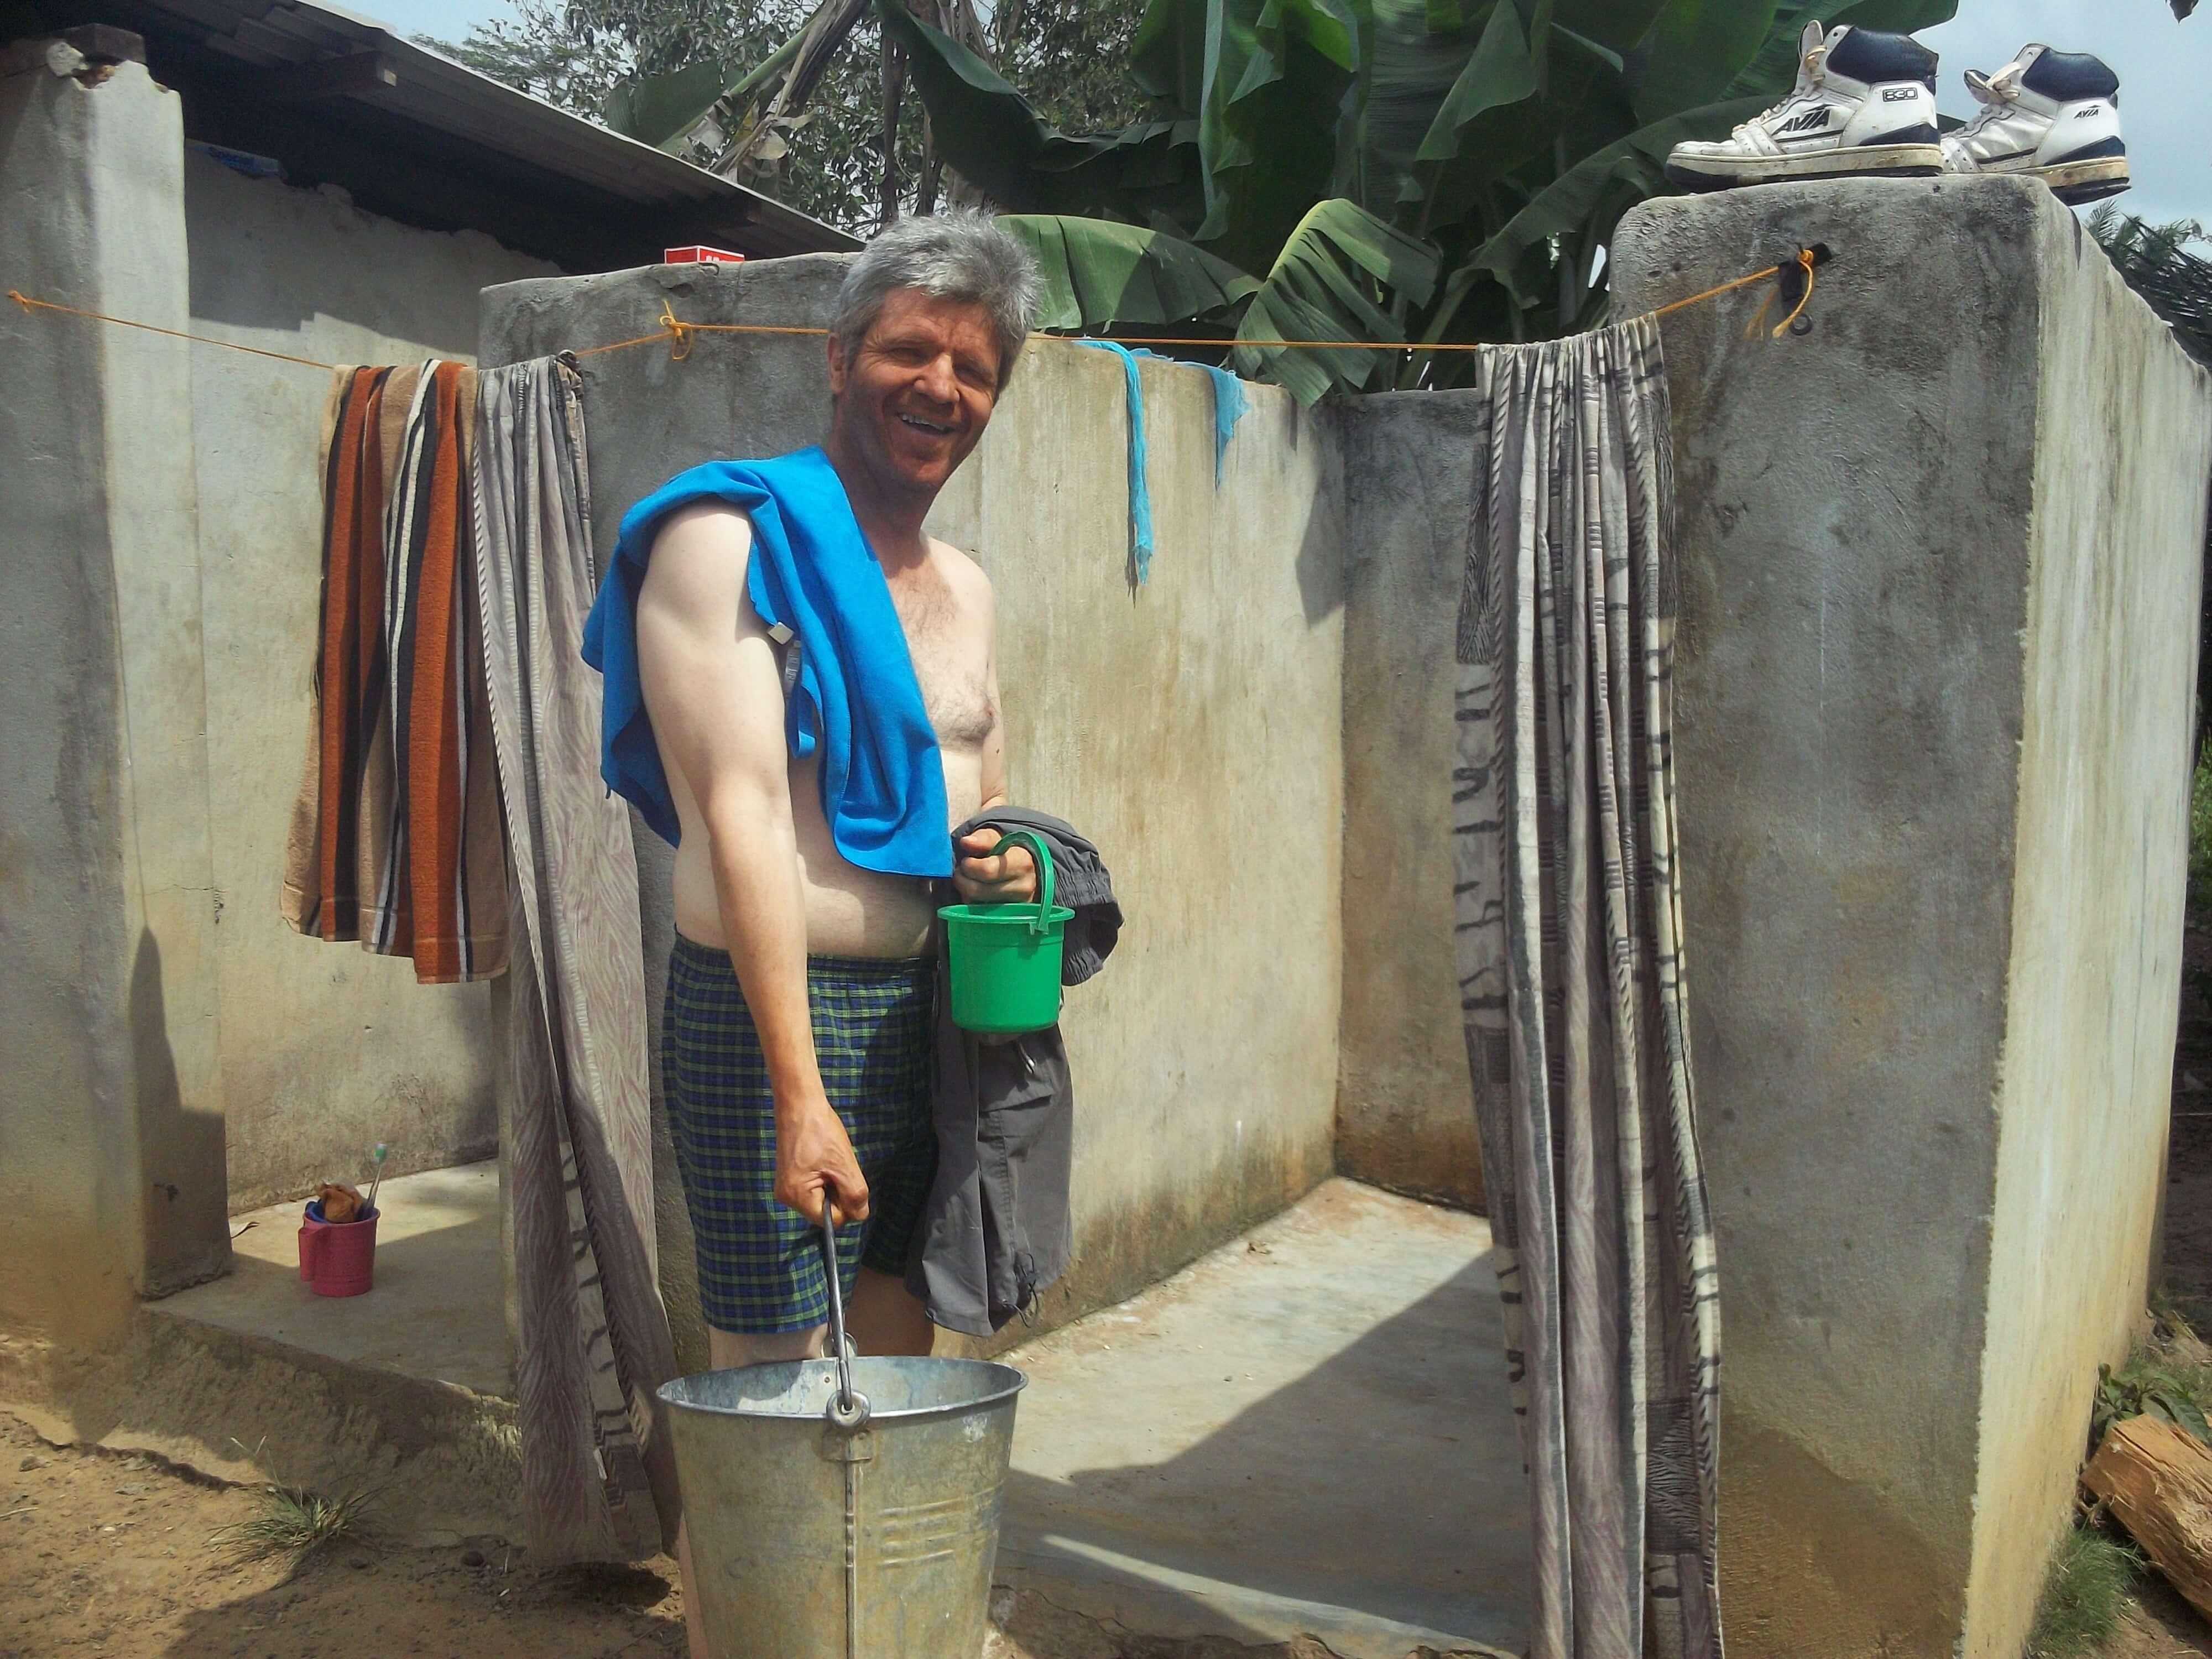 Besoin d'une bonne douche à l'ancienne !